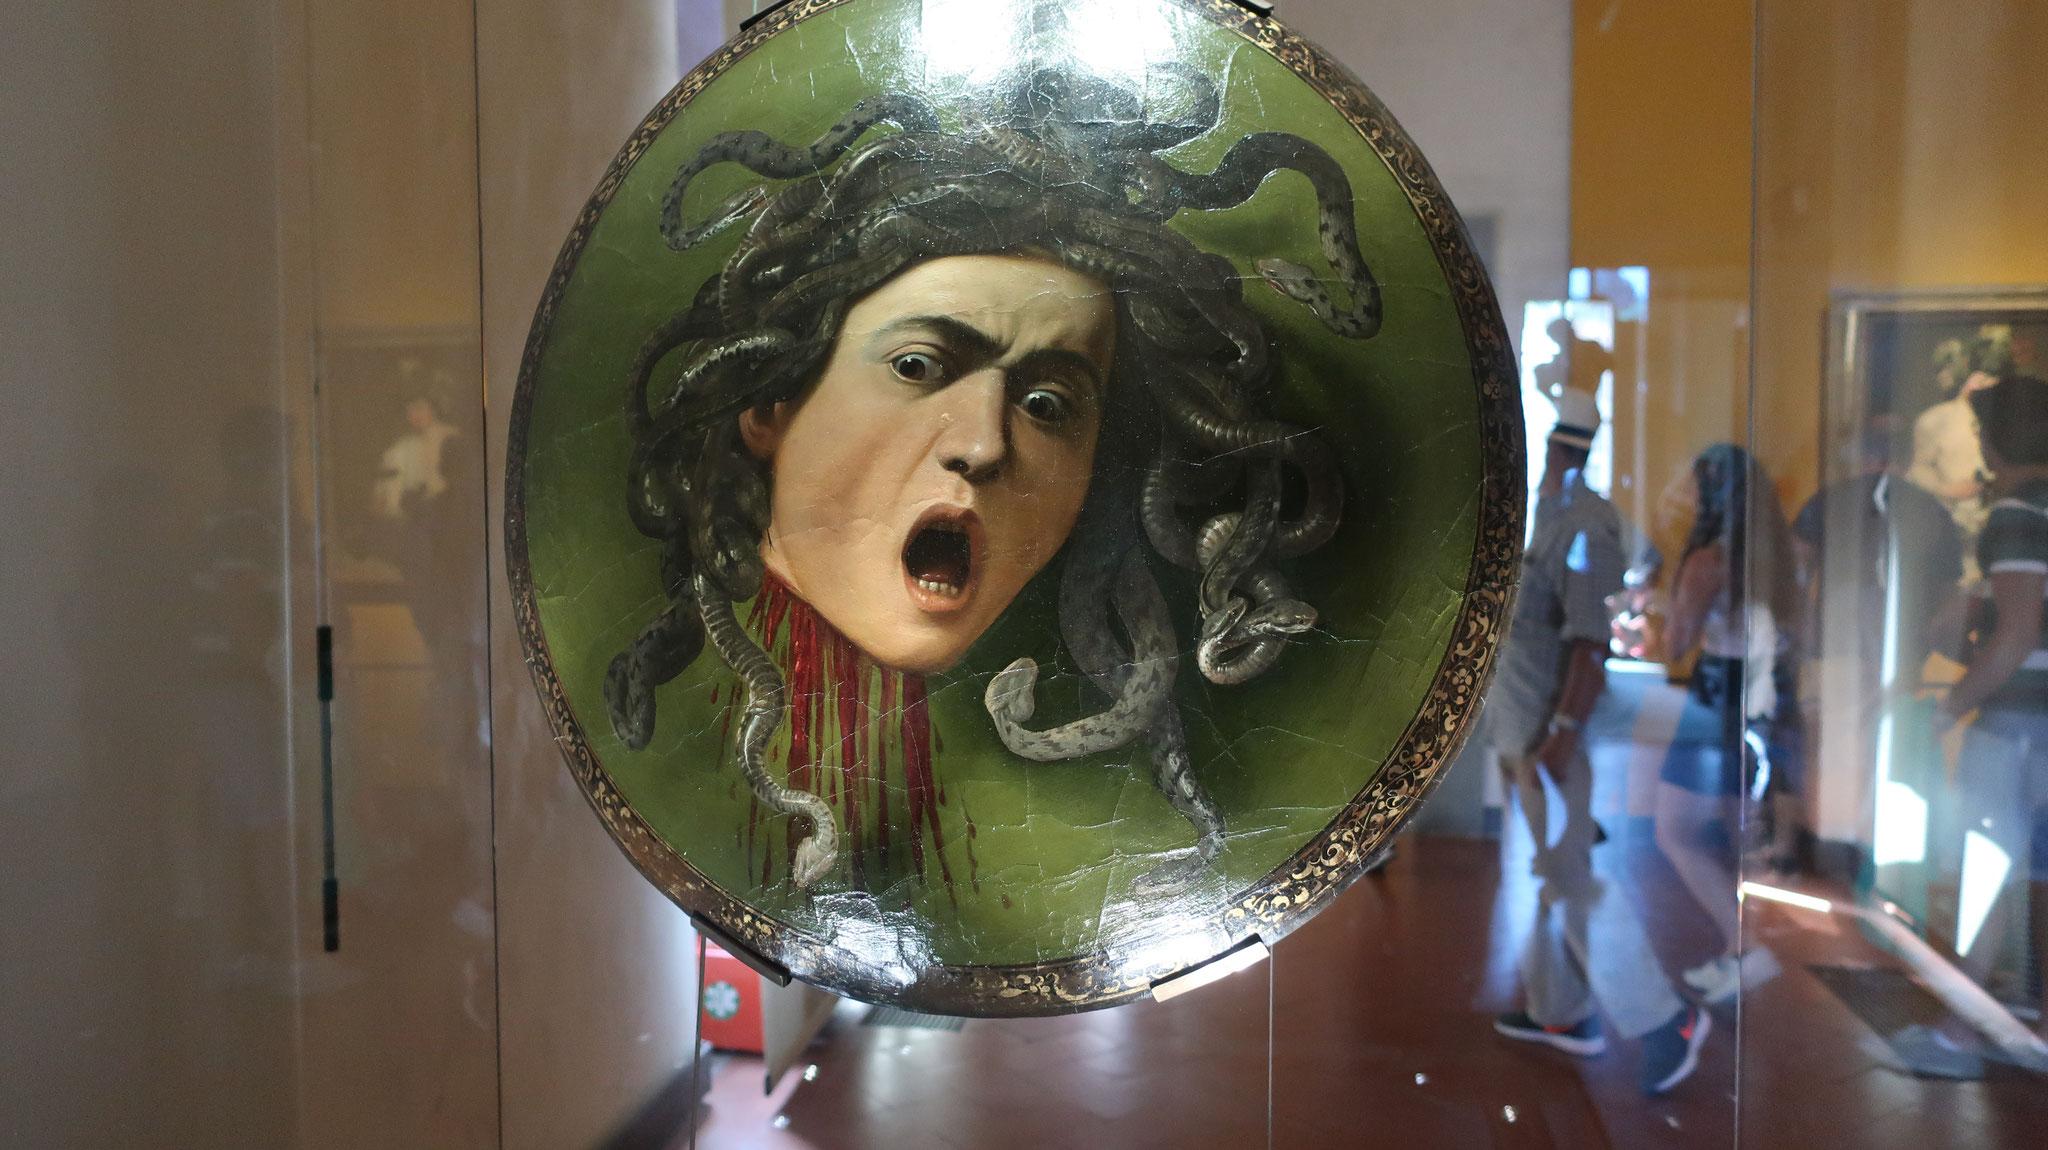 メドゥーサの首。メドゥーサは髪の毛が蛇で、睨みつけた相手を石に変えてしまう怪物です。勇者ペルセウスは盾に映った怪物を見ながら首を討ちました。